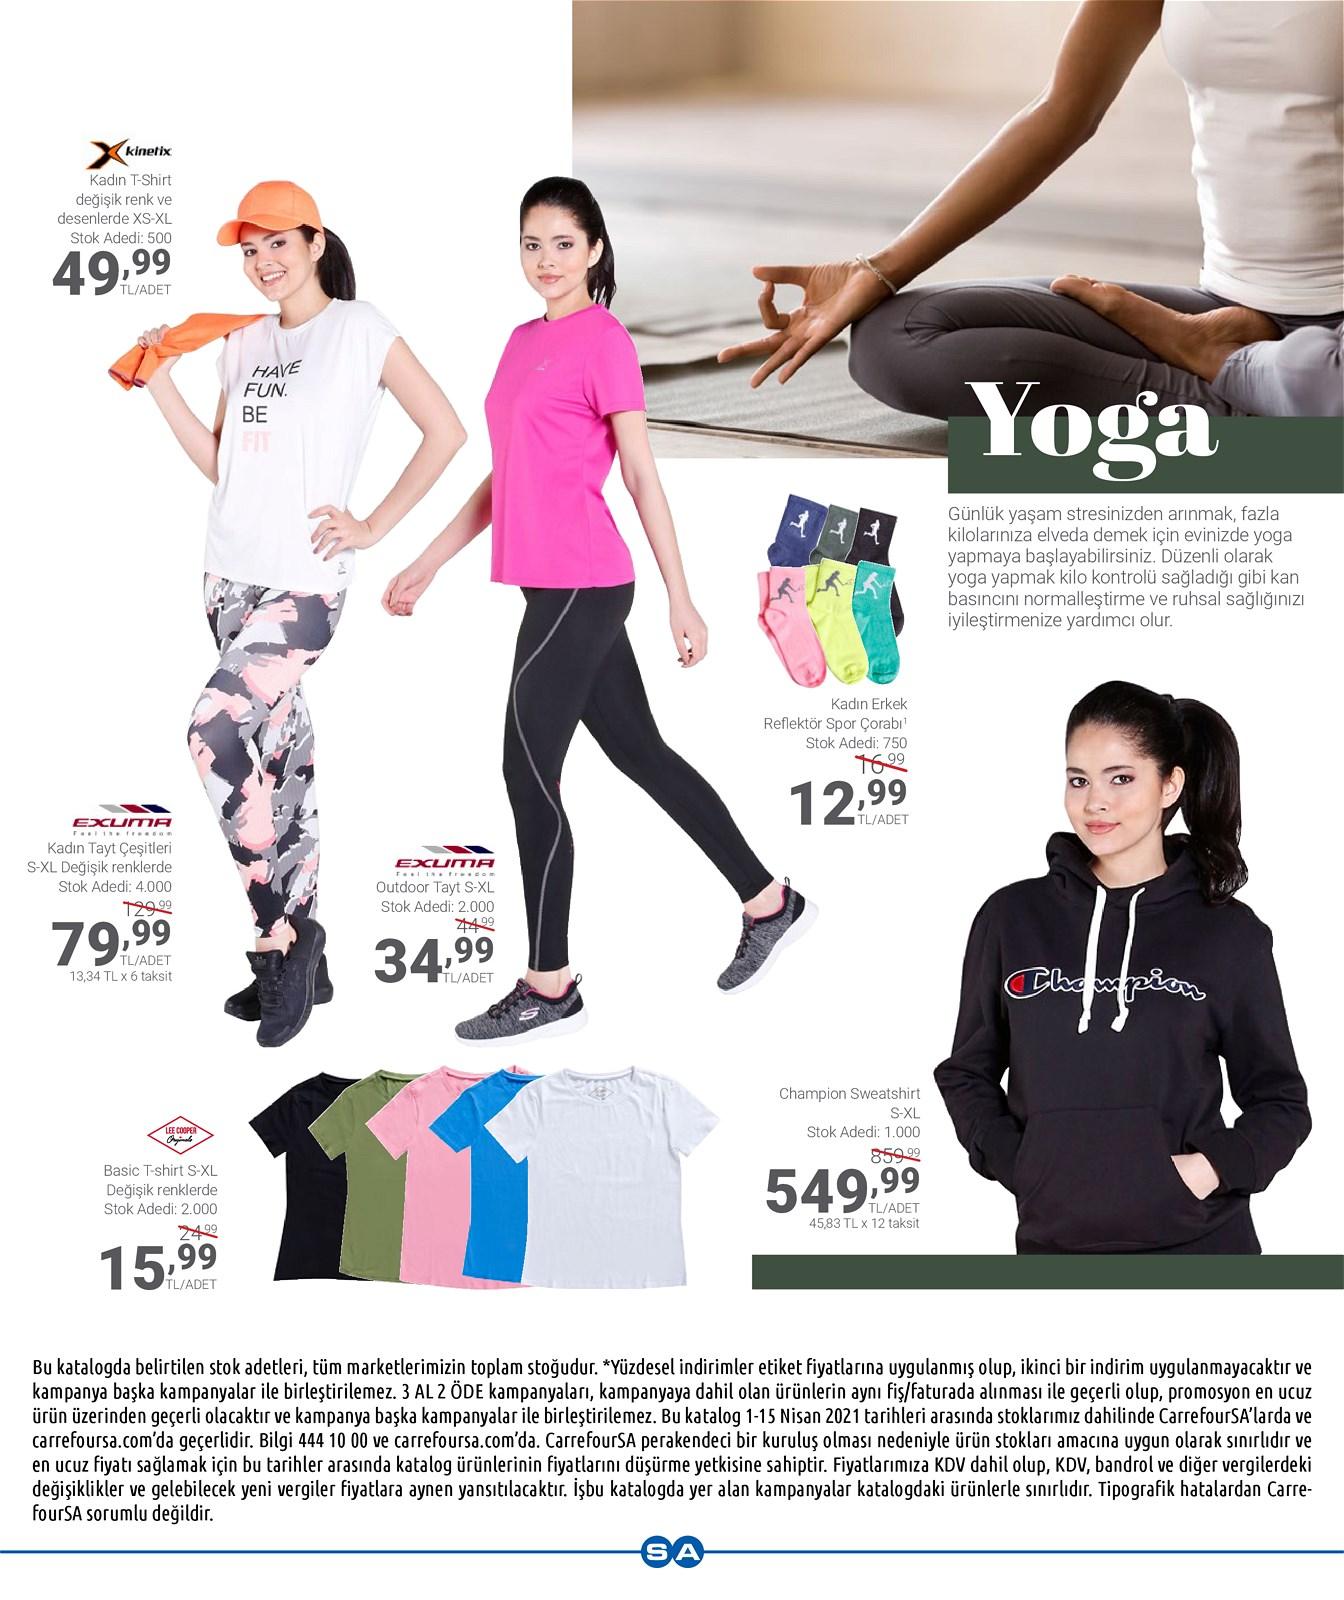 01.04.2021 CarrefourSA broşürü 30. sayfa